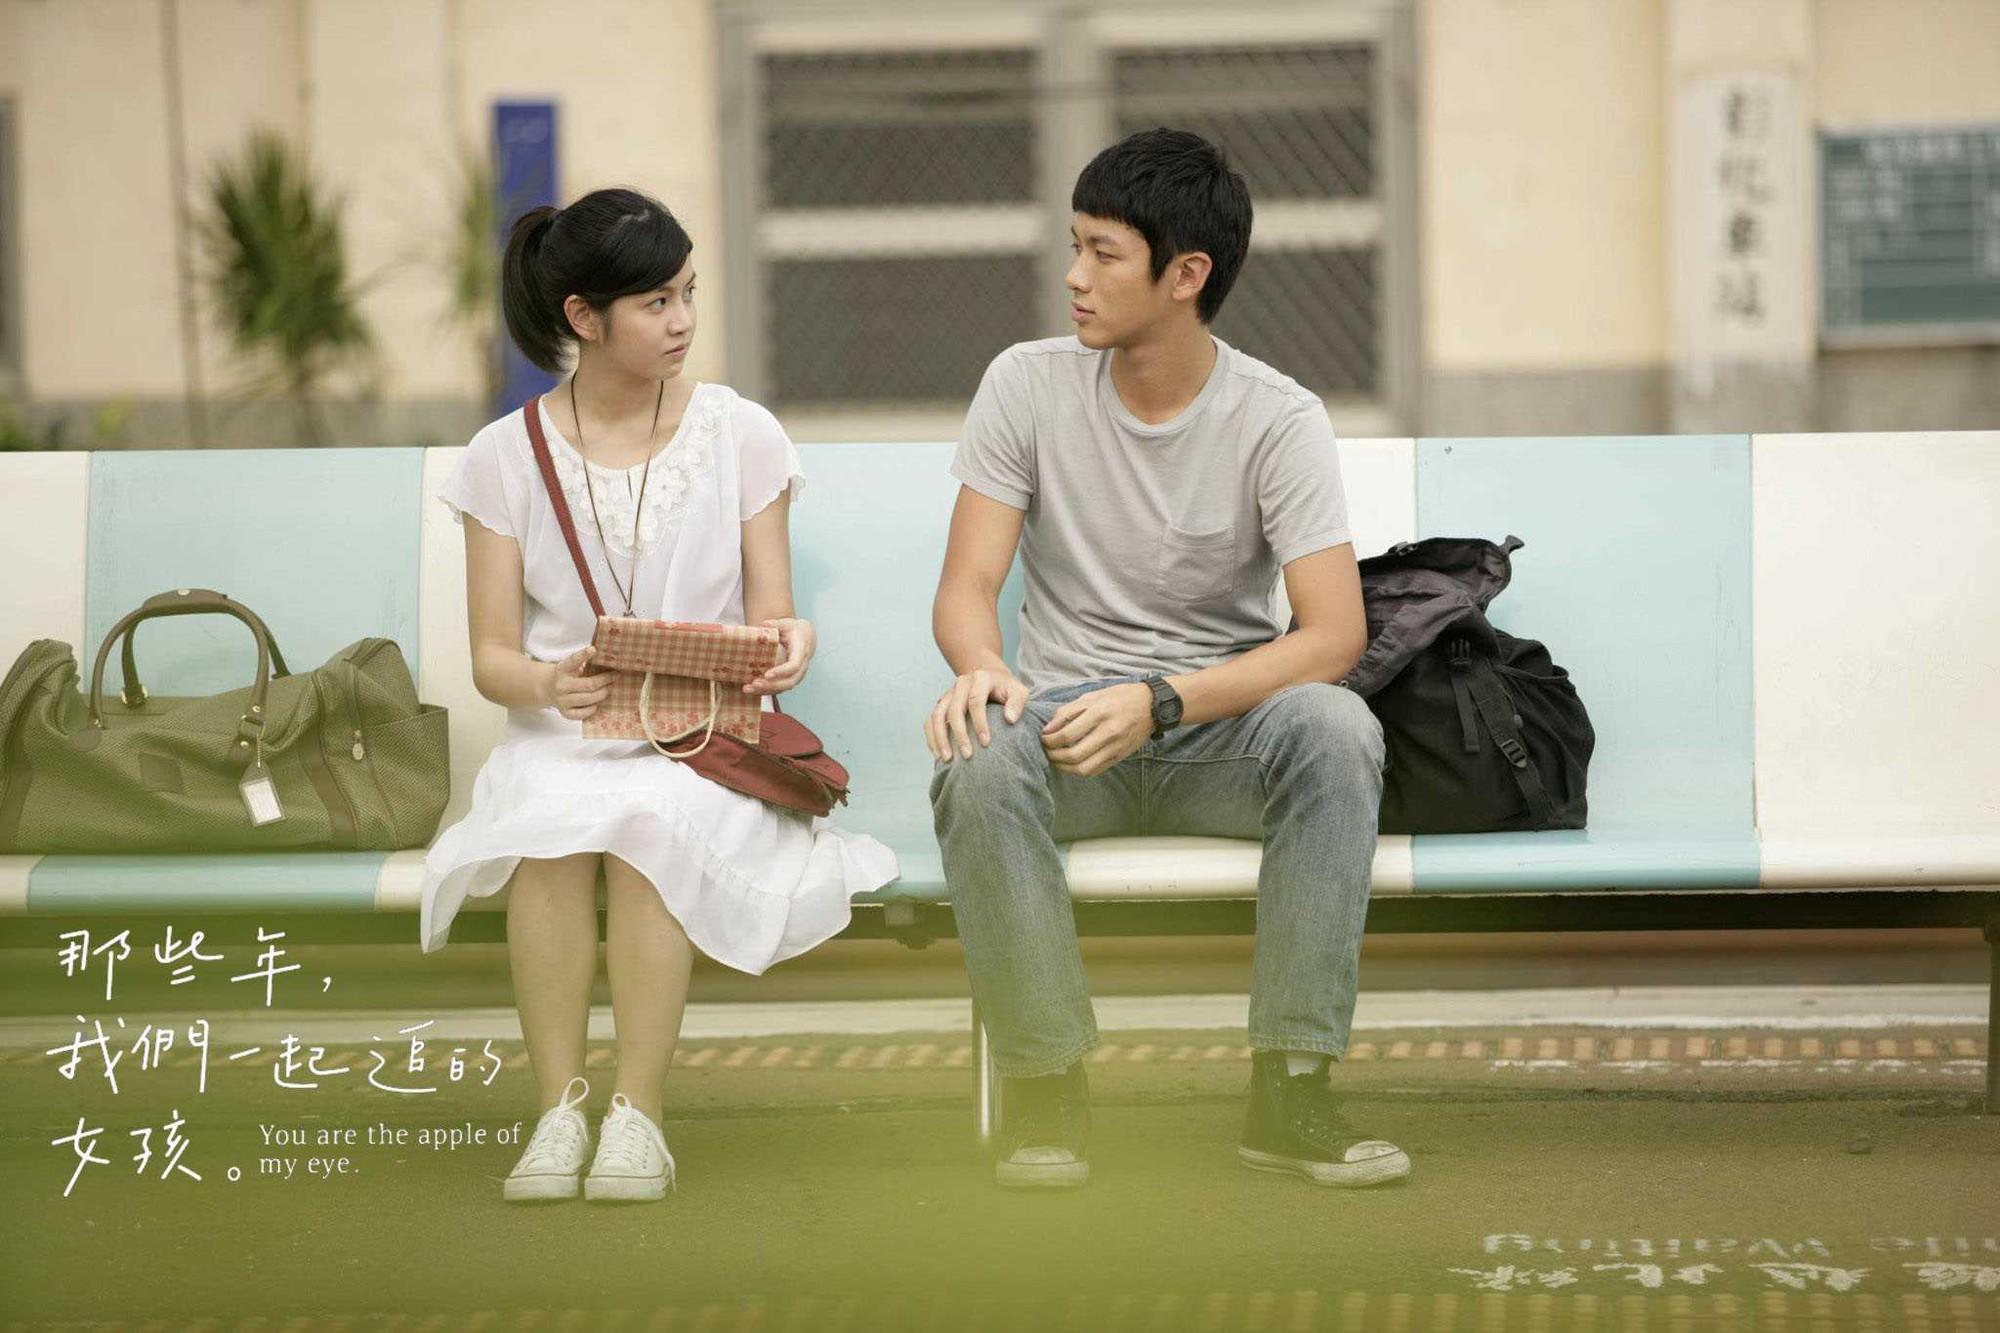 5 phim remake đáng chú ý của Nhật Bản trong năm 2018 - Ảnh 5.